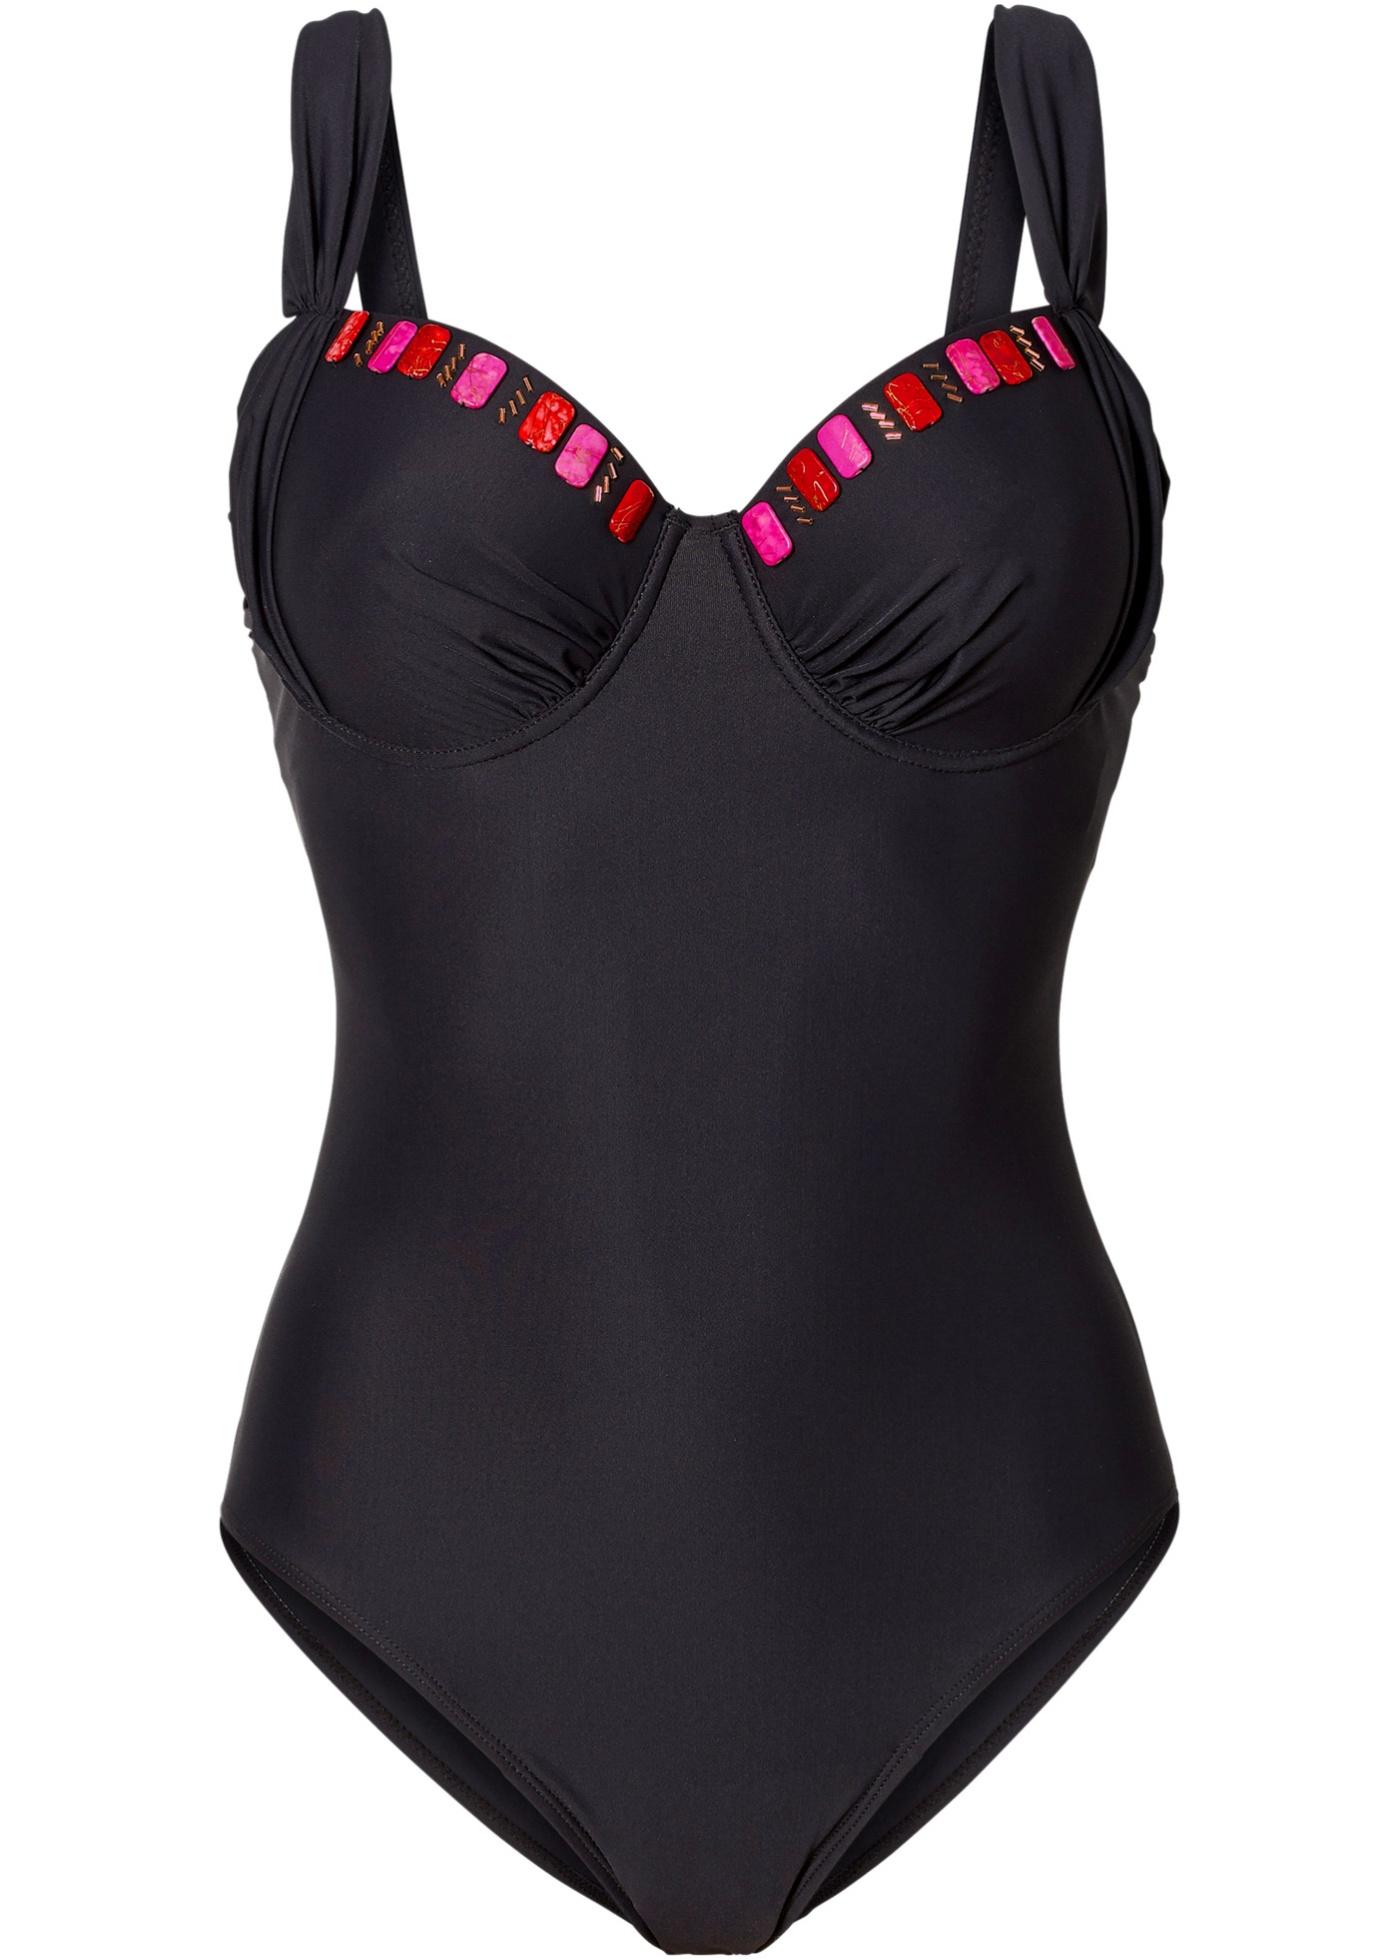 5802ccfce2c365 Costumi da donna Costume intero modellante (Nero) - bpc selection